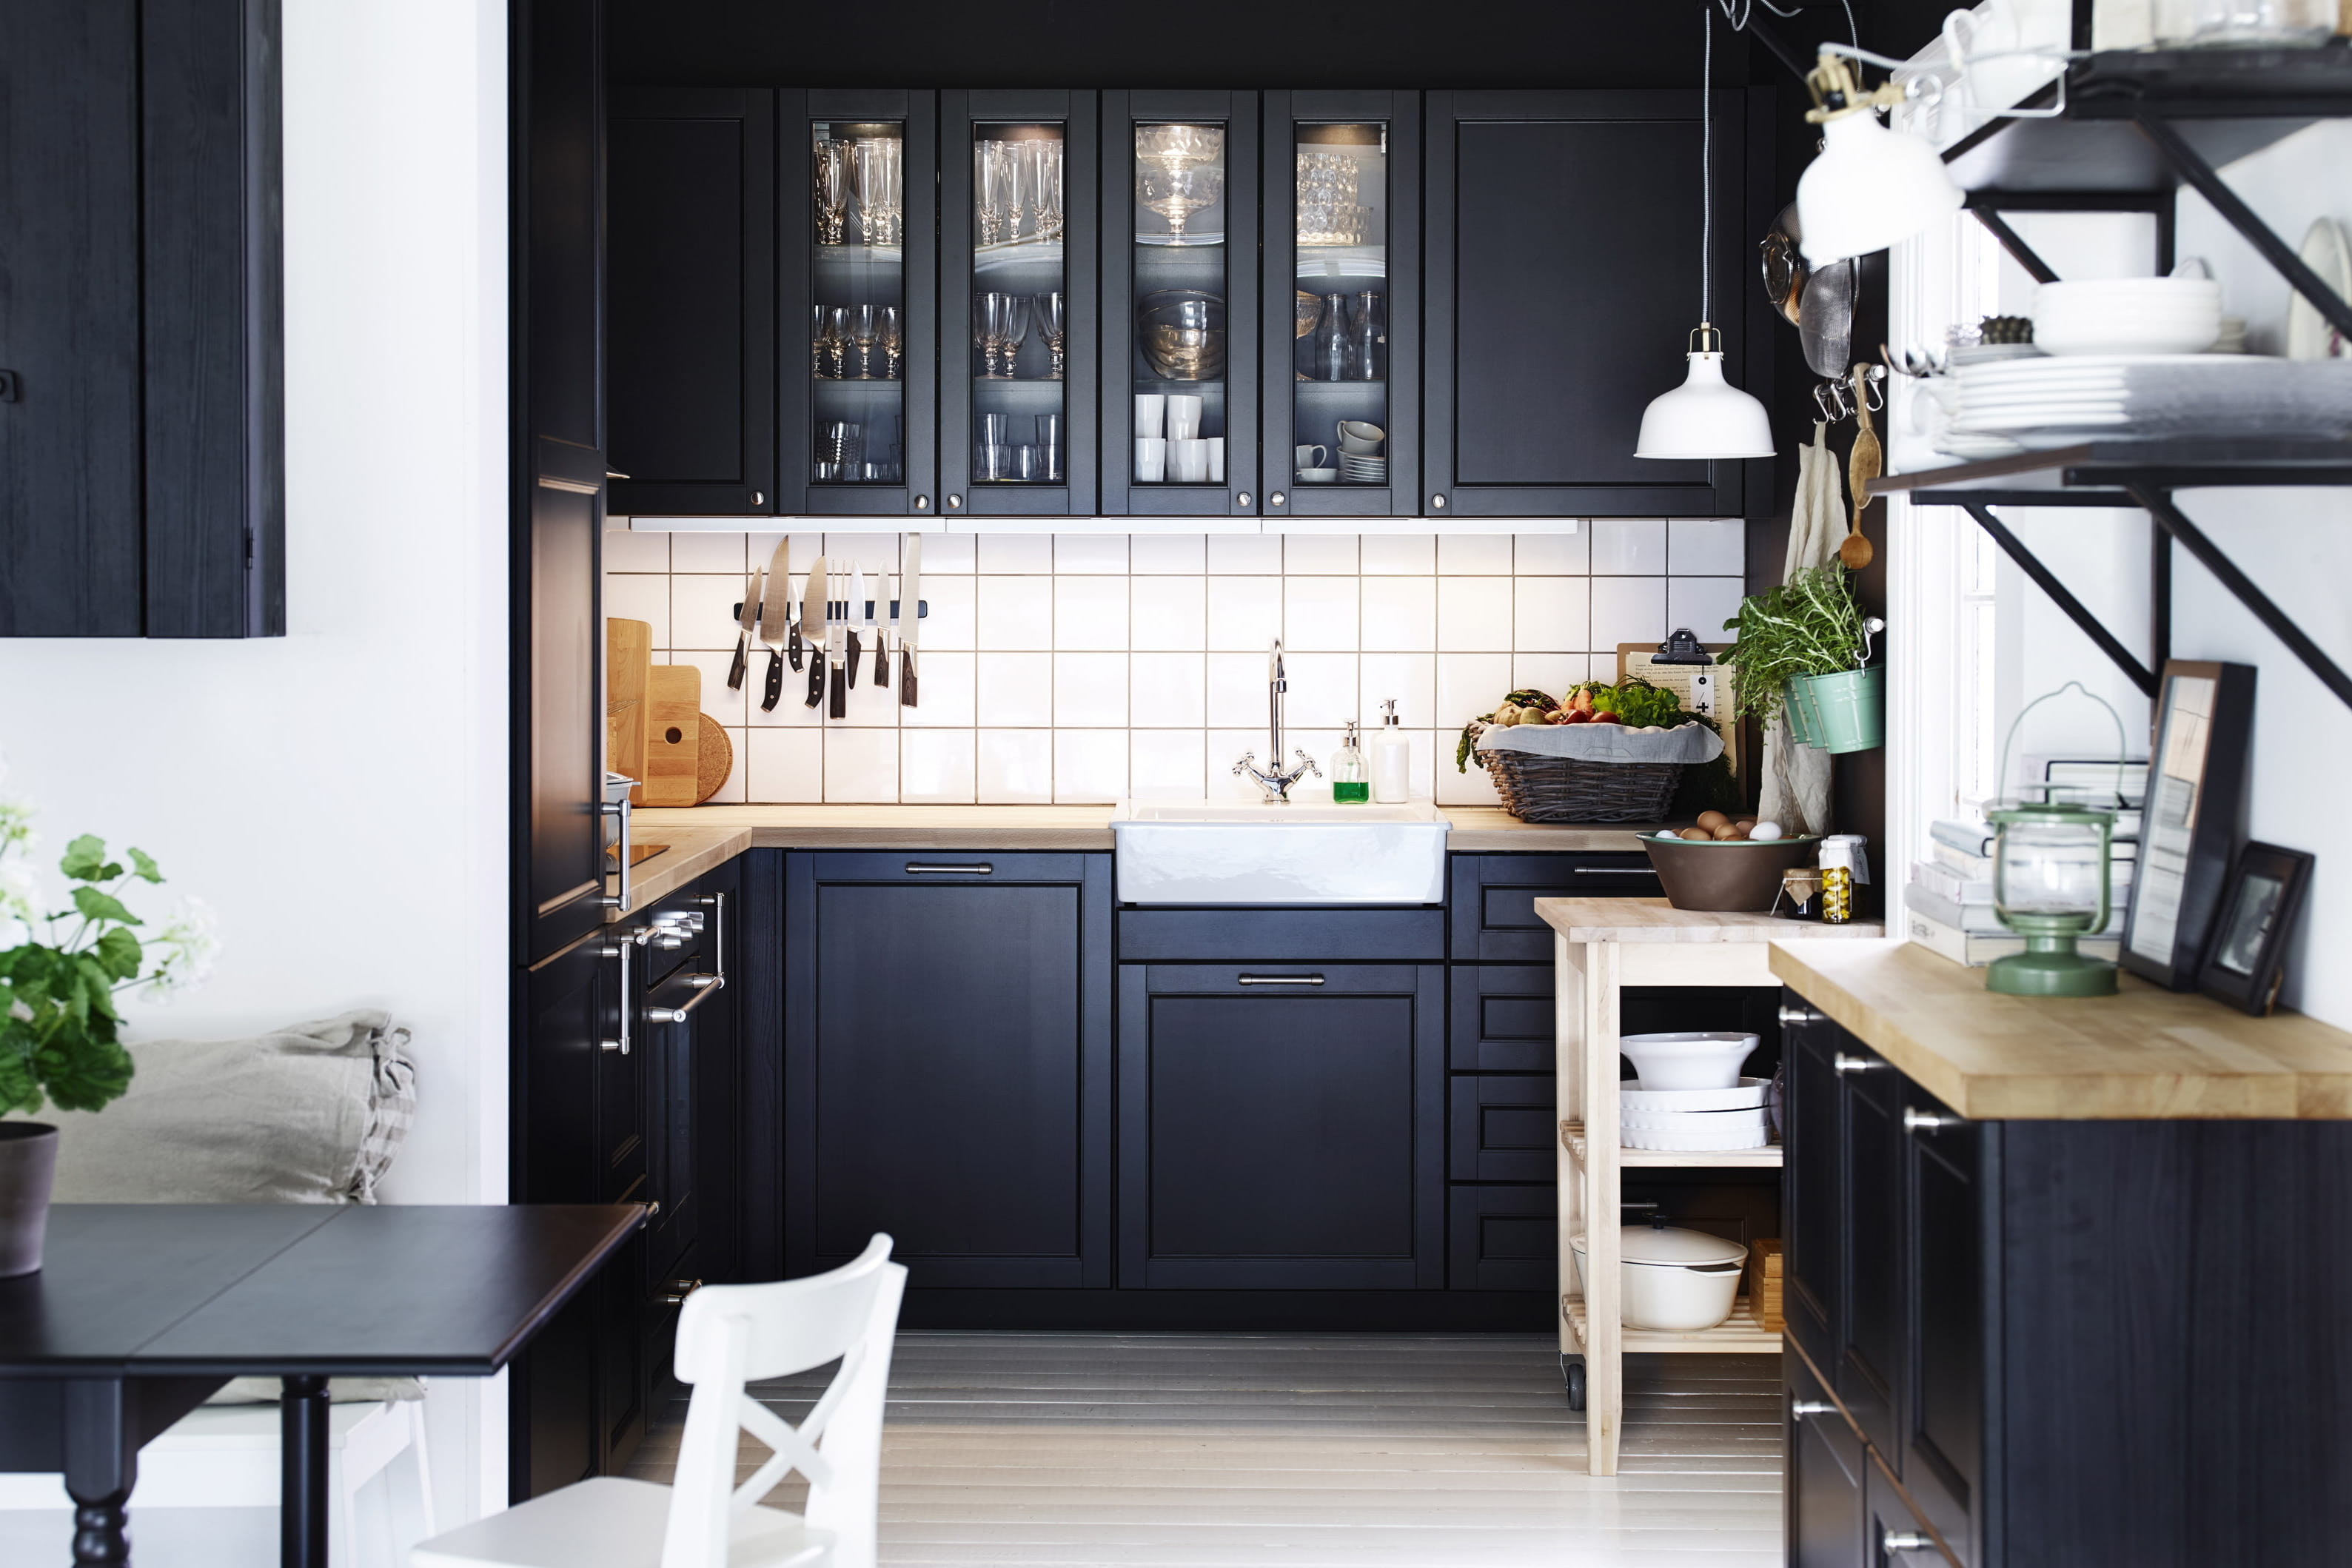 Les cl s pour acheter une cuisine ikea journal des femmes - Photos cuisines ikea ...